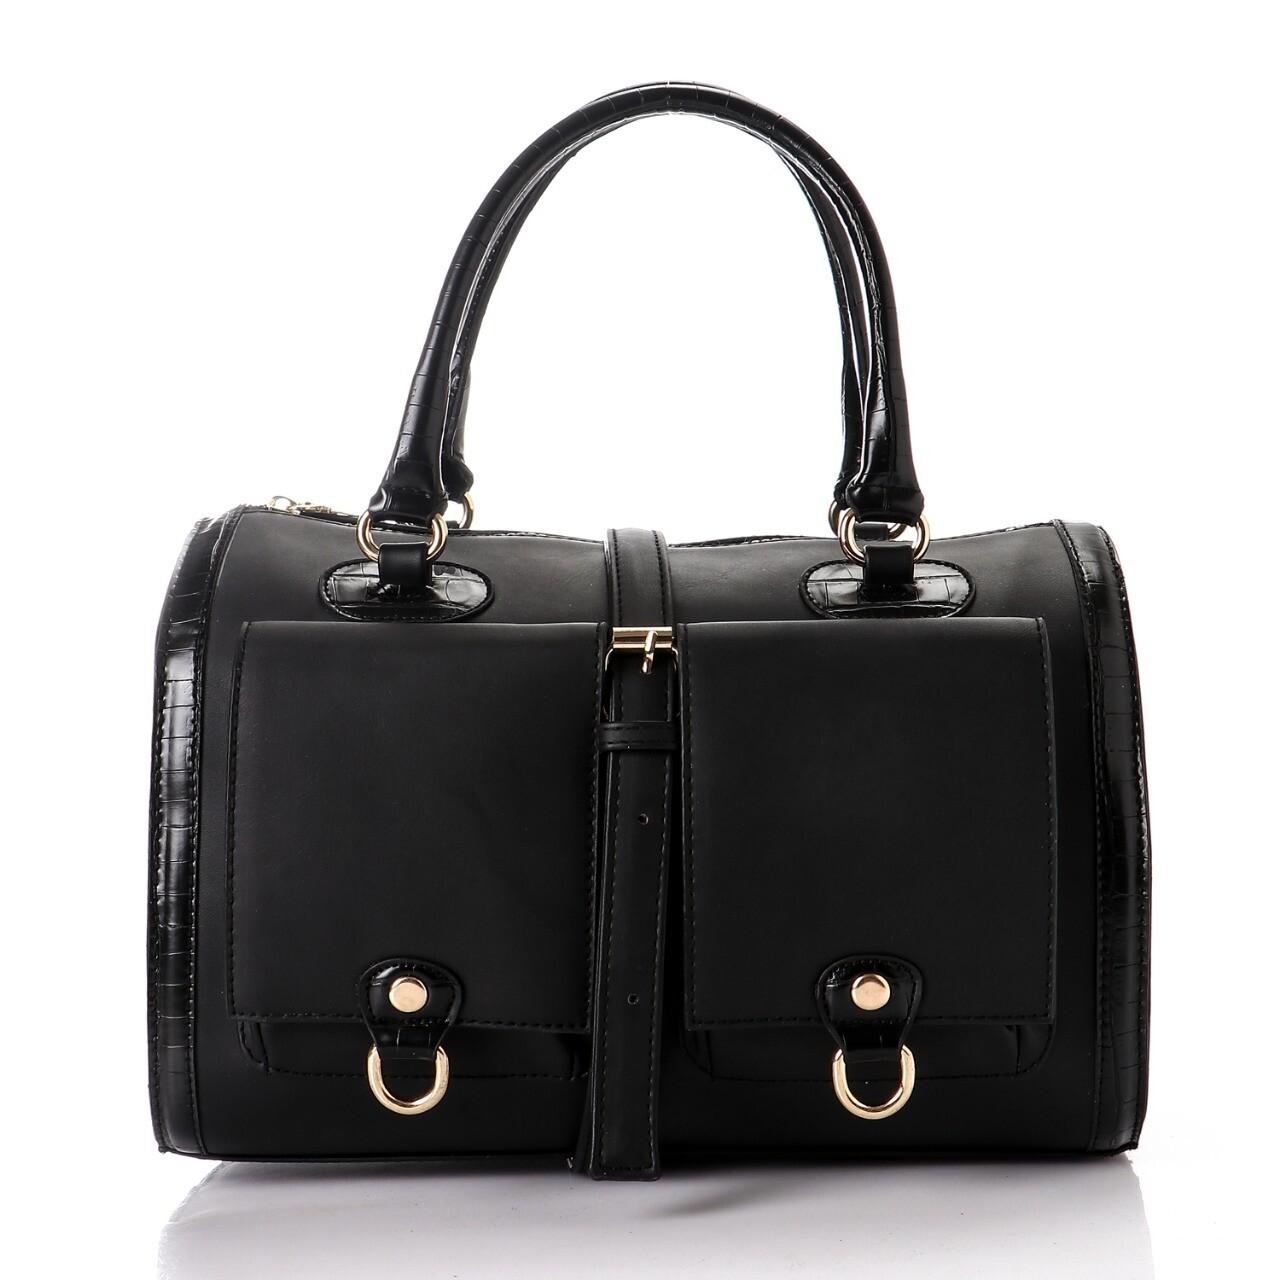 4830 Bag Black